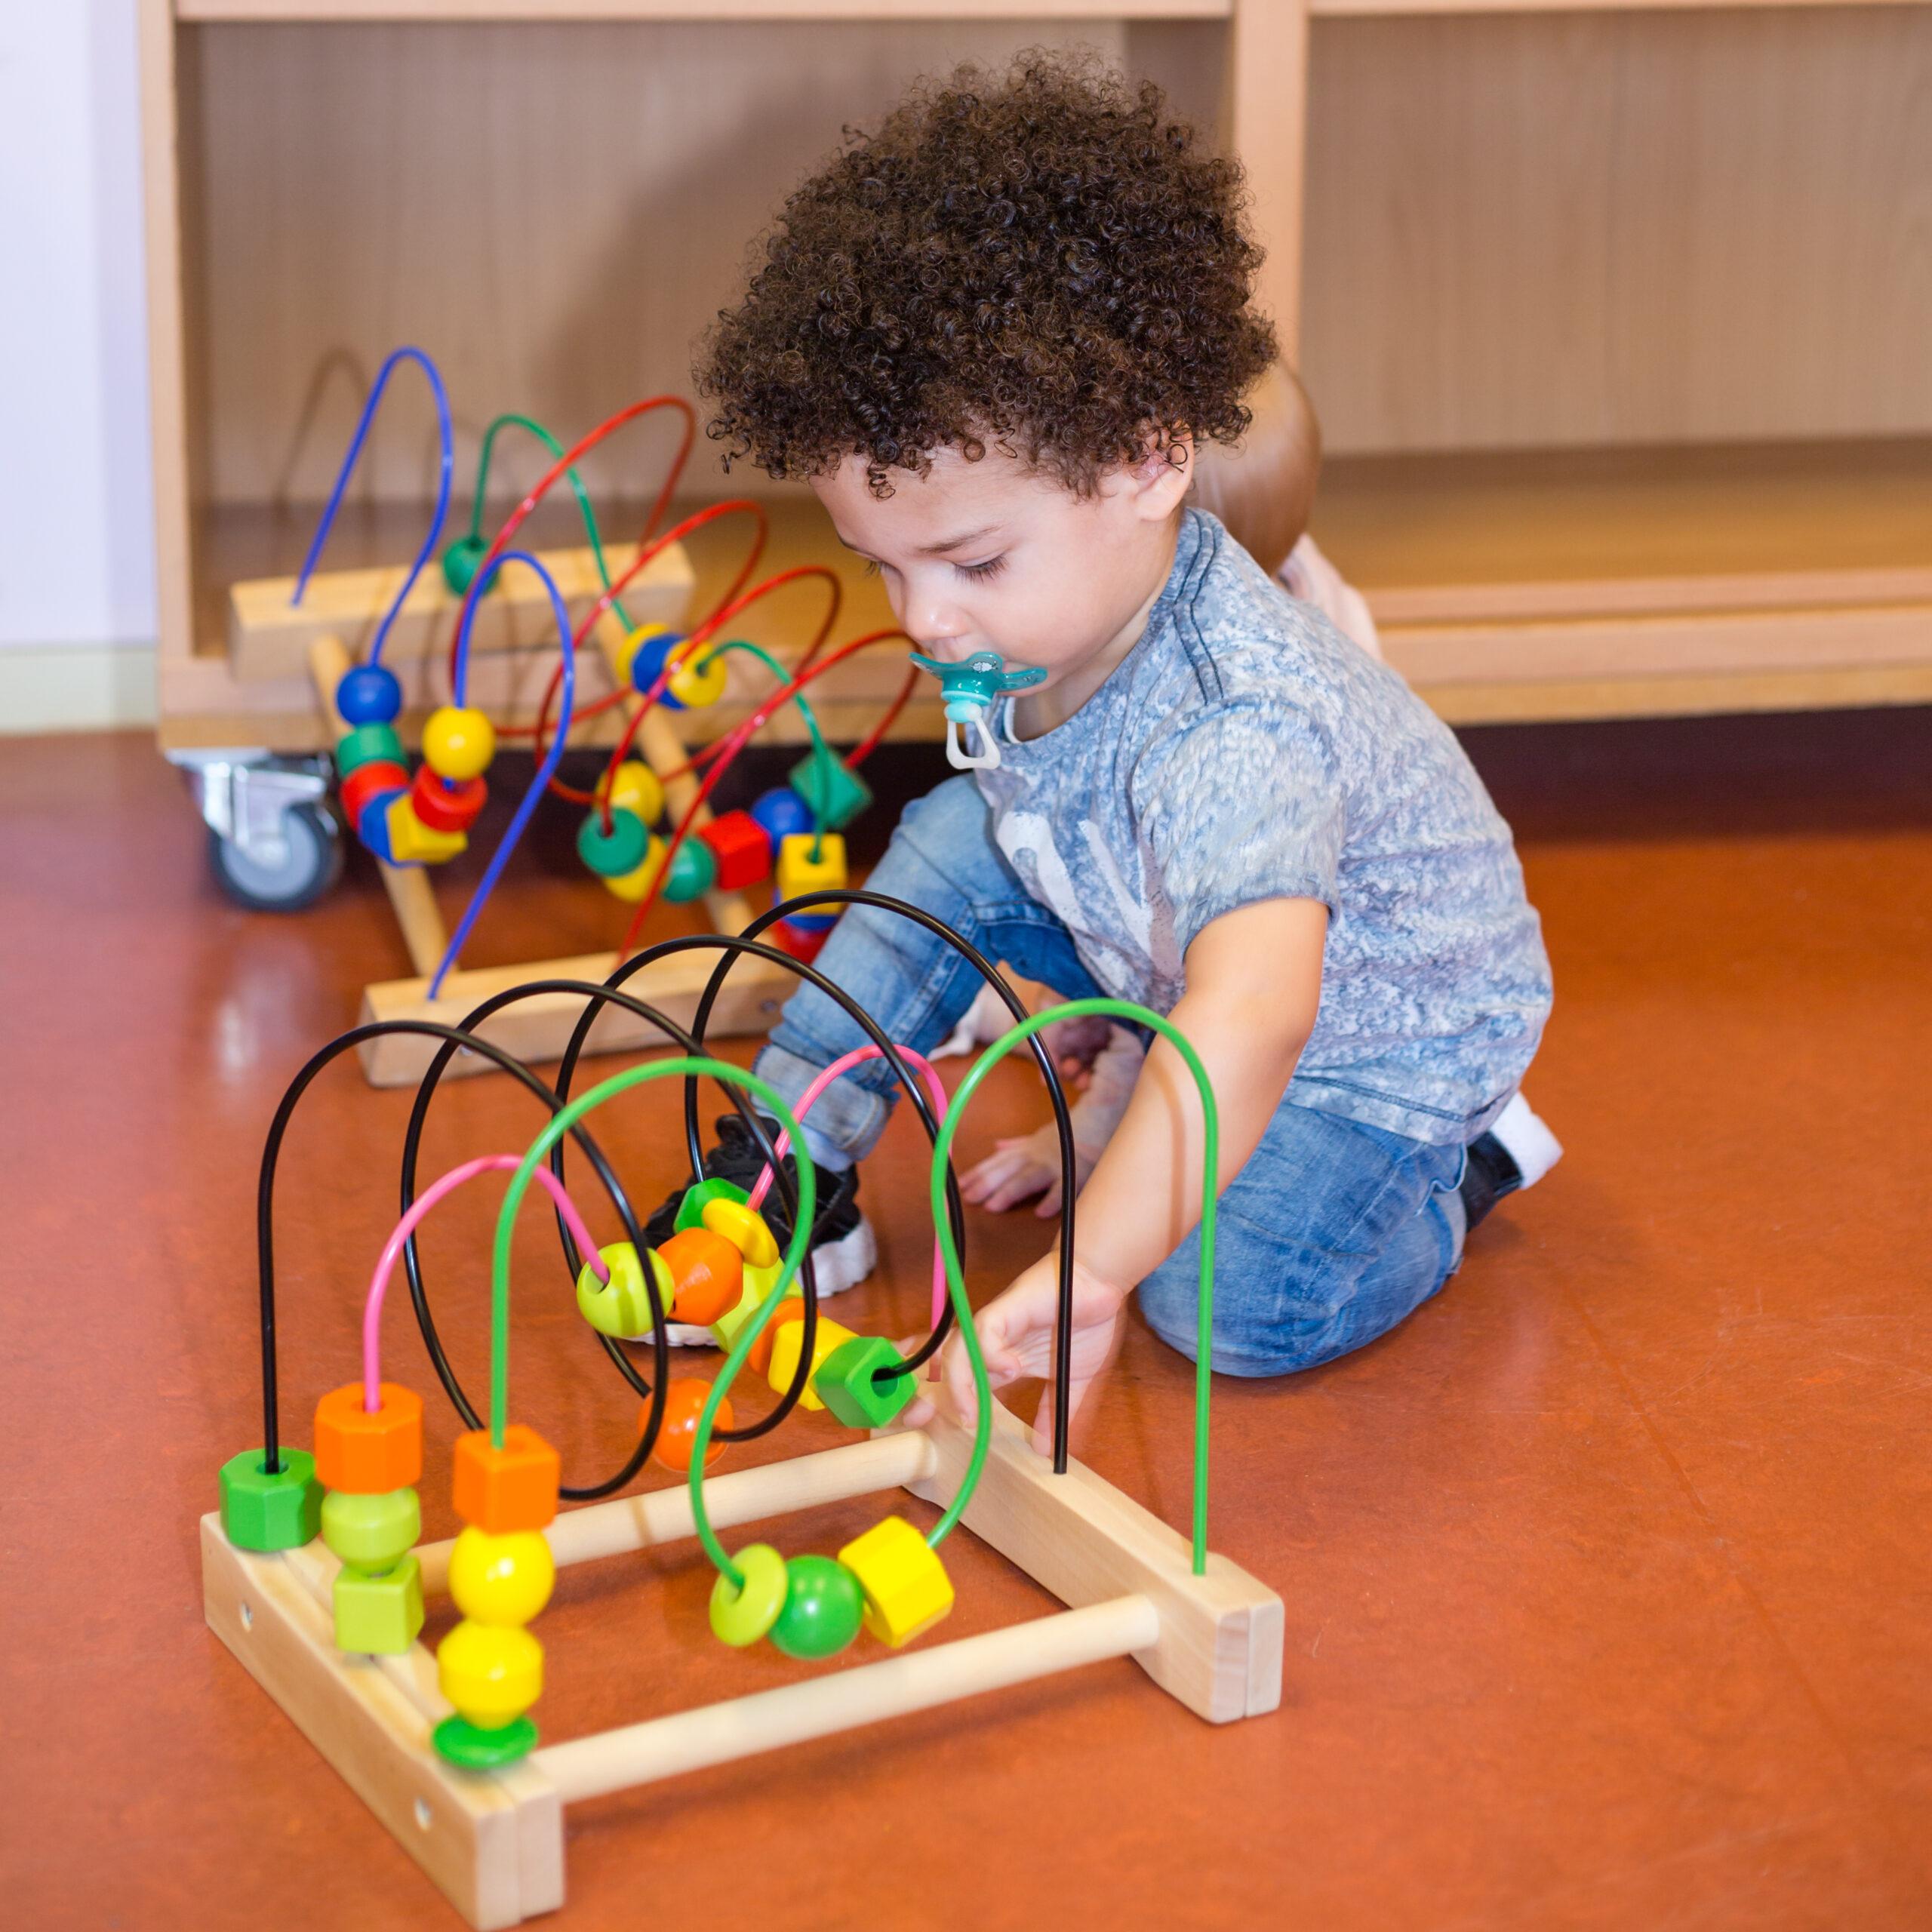 Vacature Pedagogisch Medewerker Kinderdagverblijf